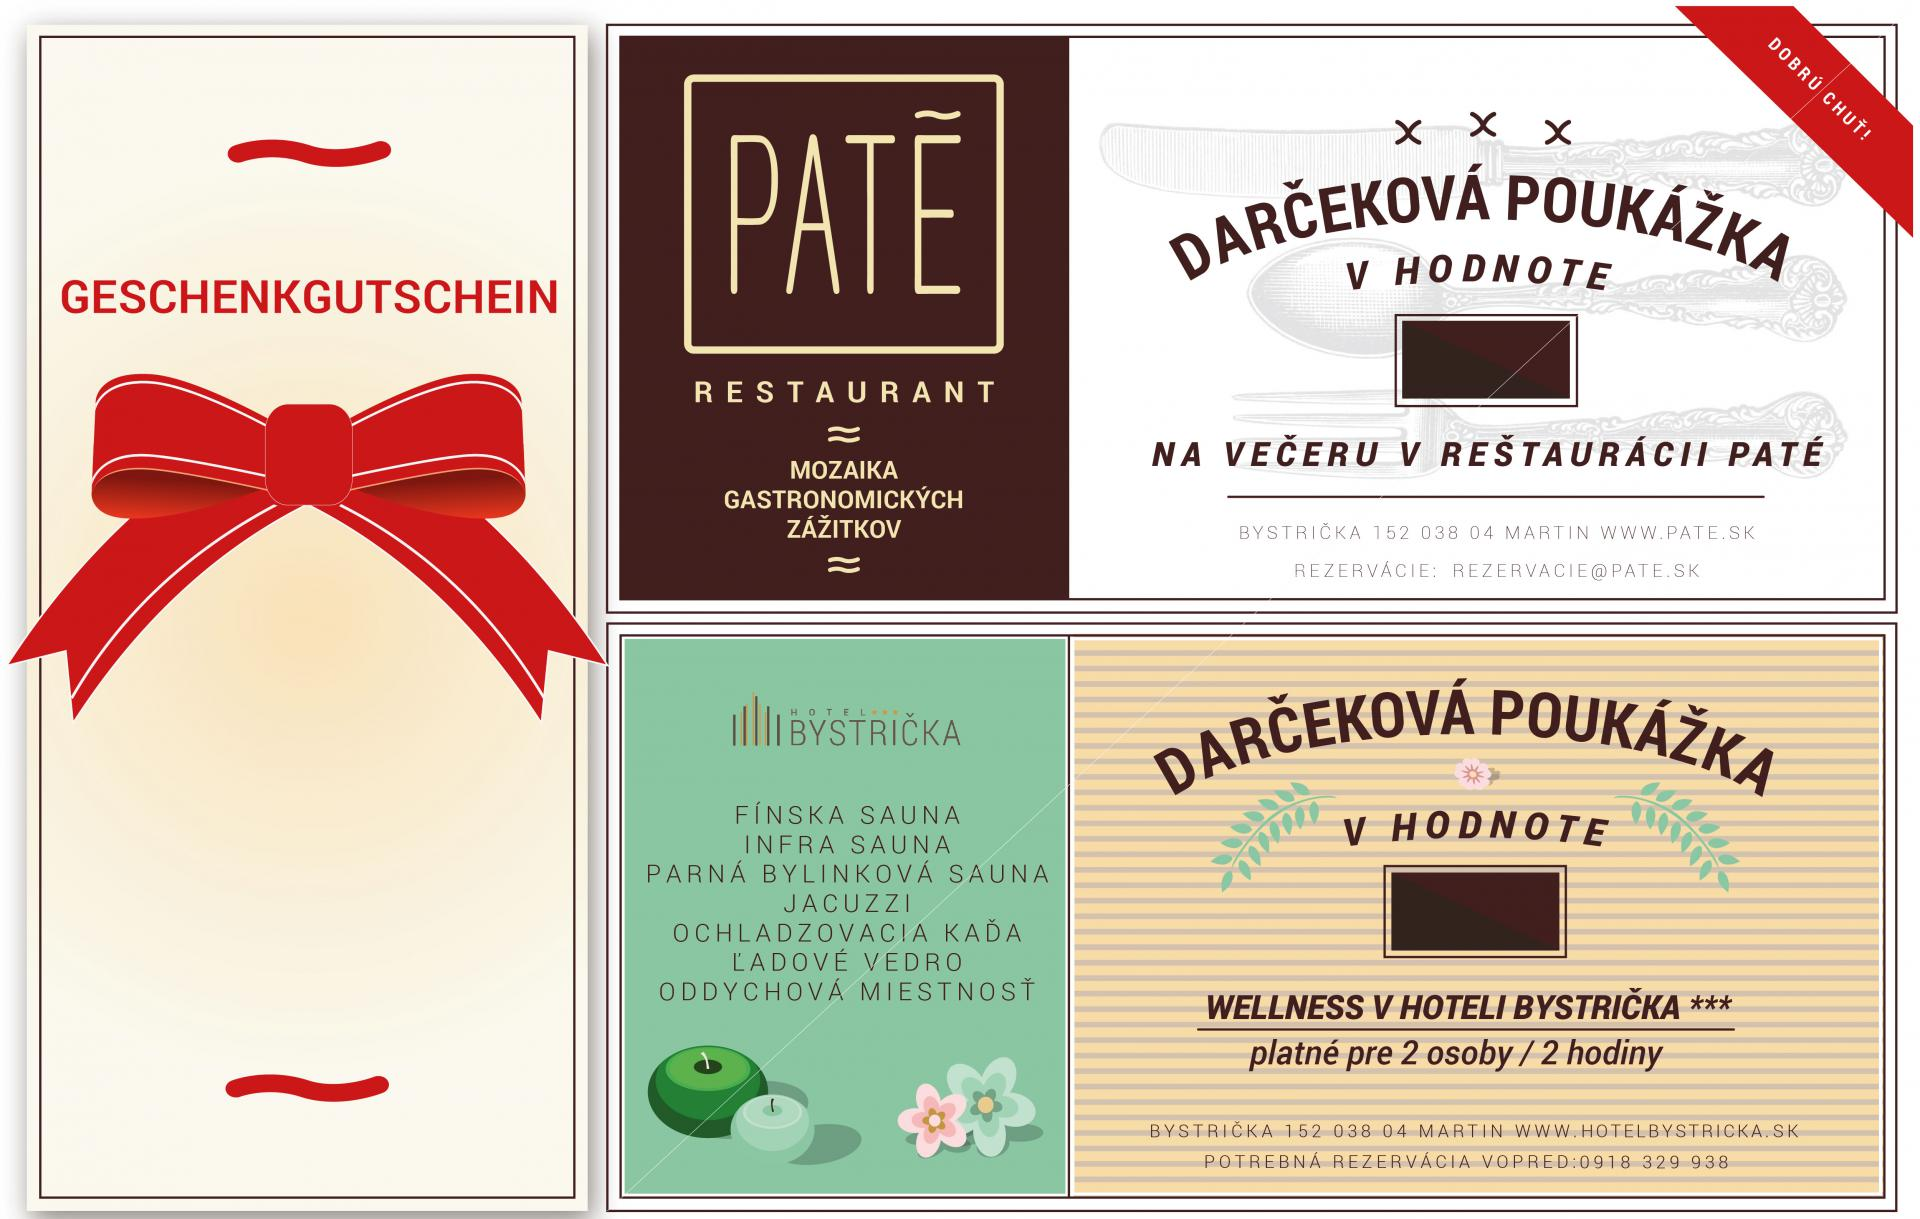 Darčeková poukážka wellness reštaurácia PATE tip darček martin Hotel Bystrička, Pobytové balíky, akcie, udalosti, darčekové poukážky v Hoteli Bystrička